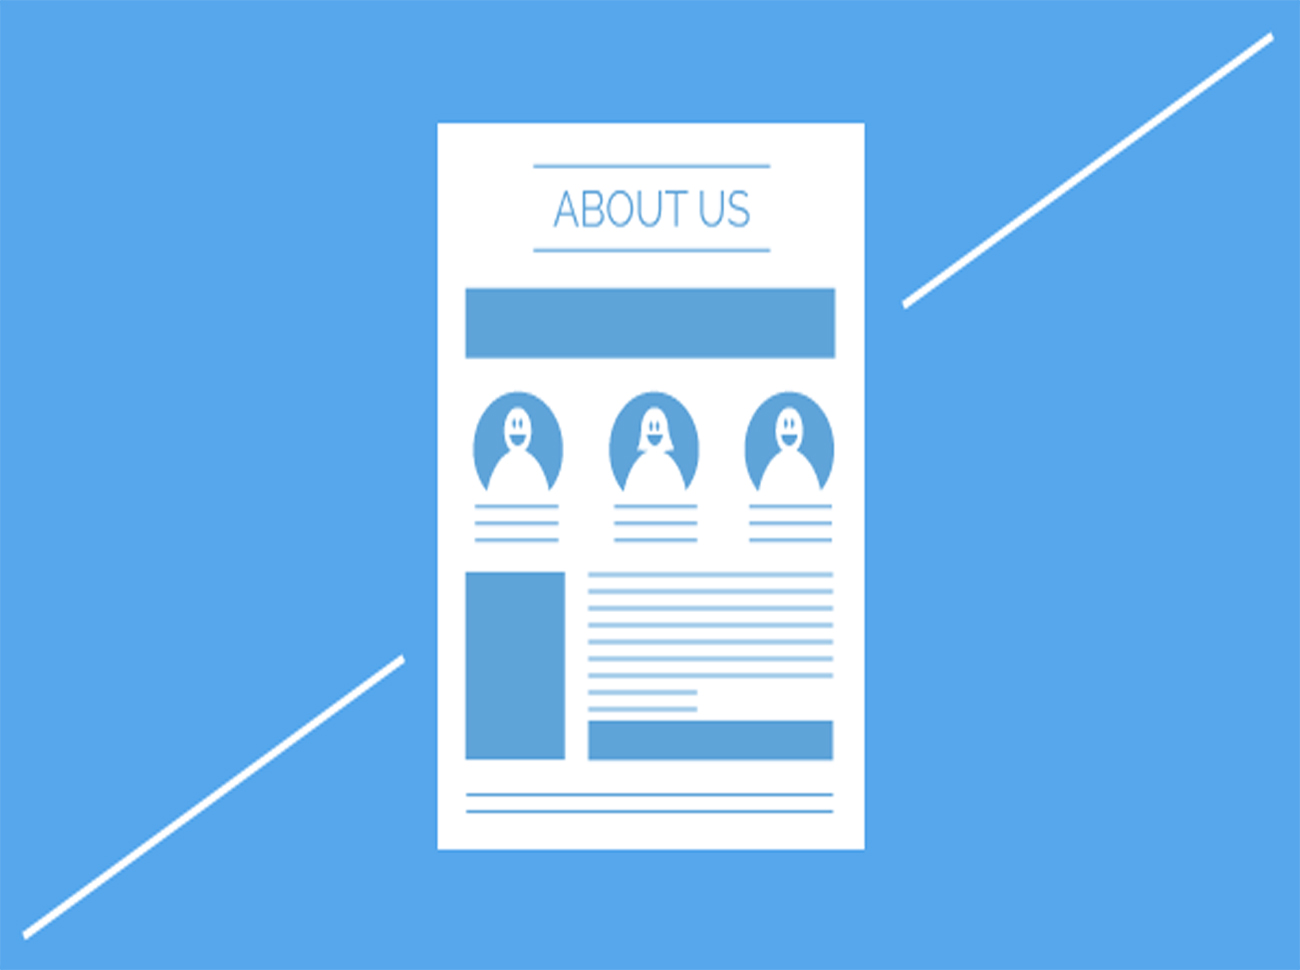 Hakkımızda Sayfasını Optimize Ederek Dönüşüm Oranını Artırmak Mümkün